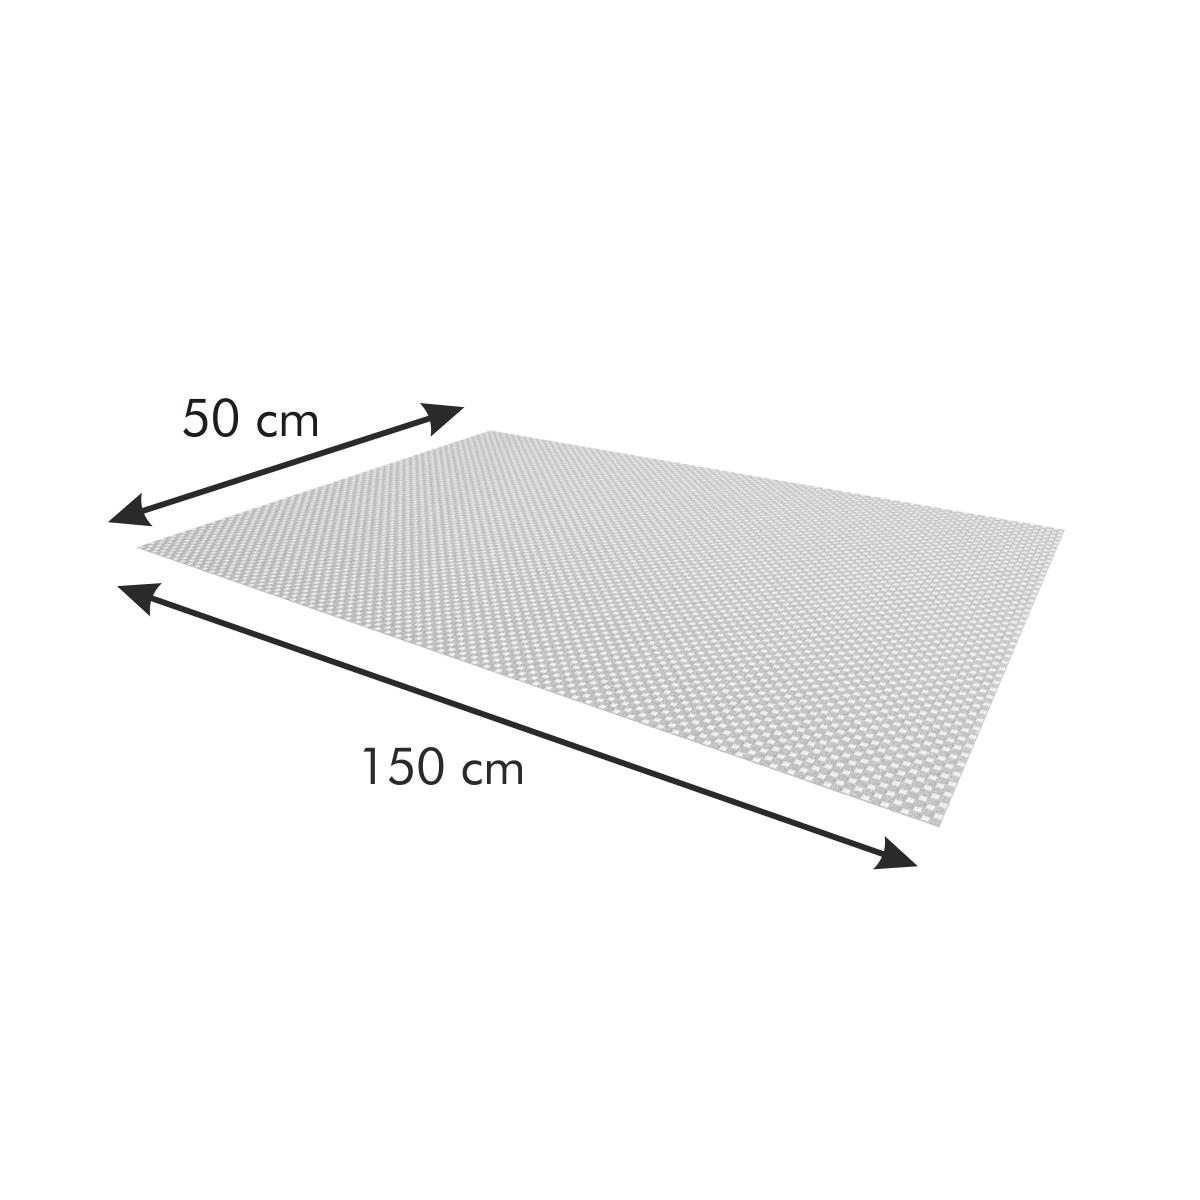 Protiskluzová podložka FlexiSPACE 150 x 50 cm